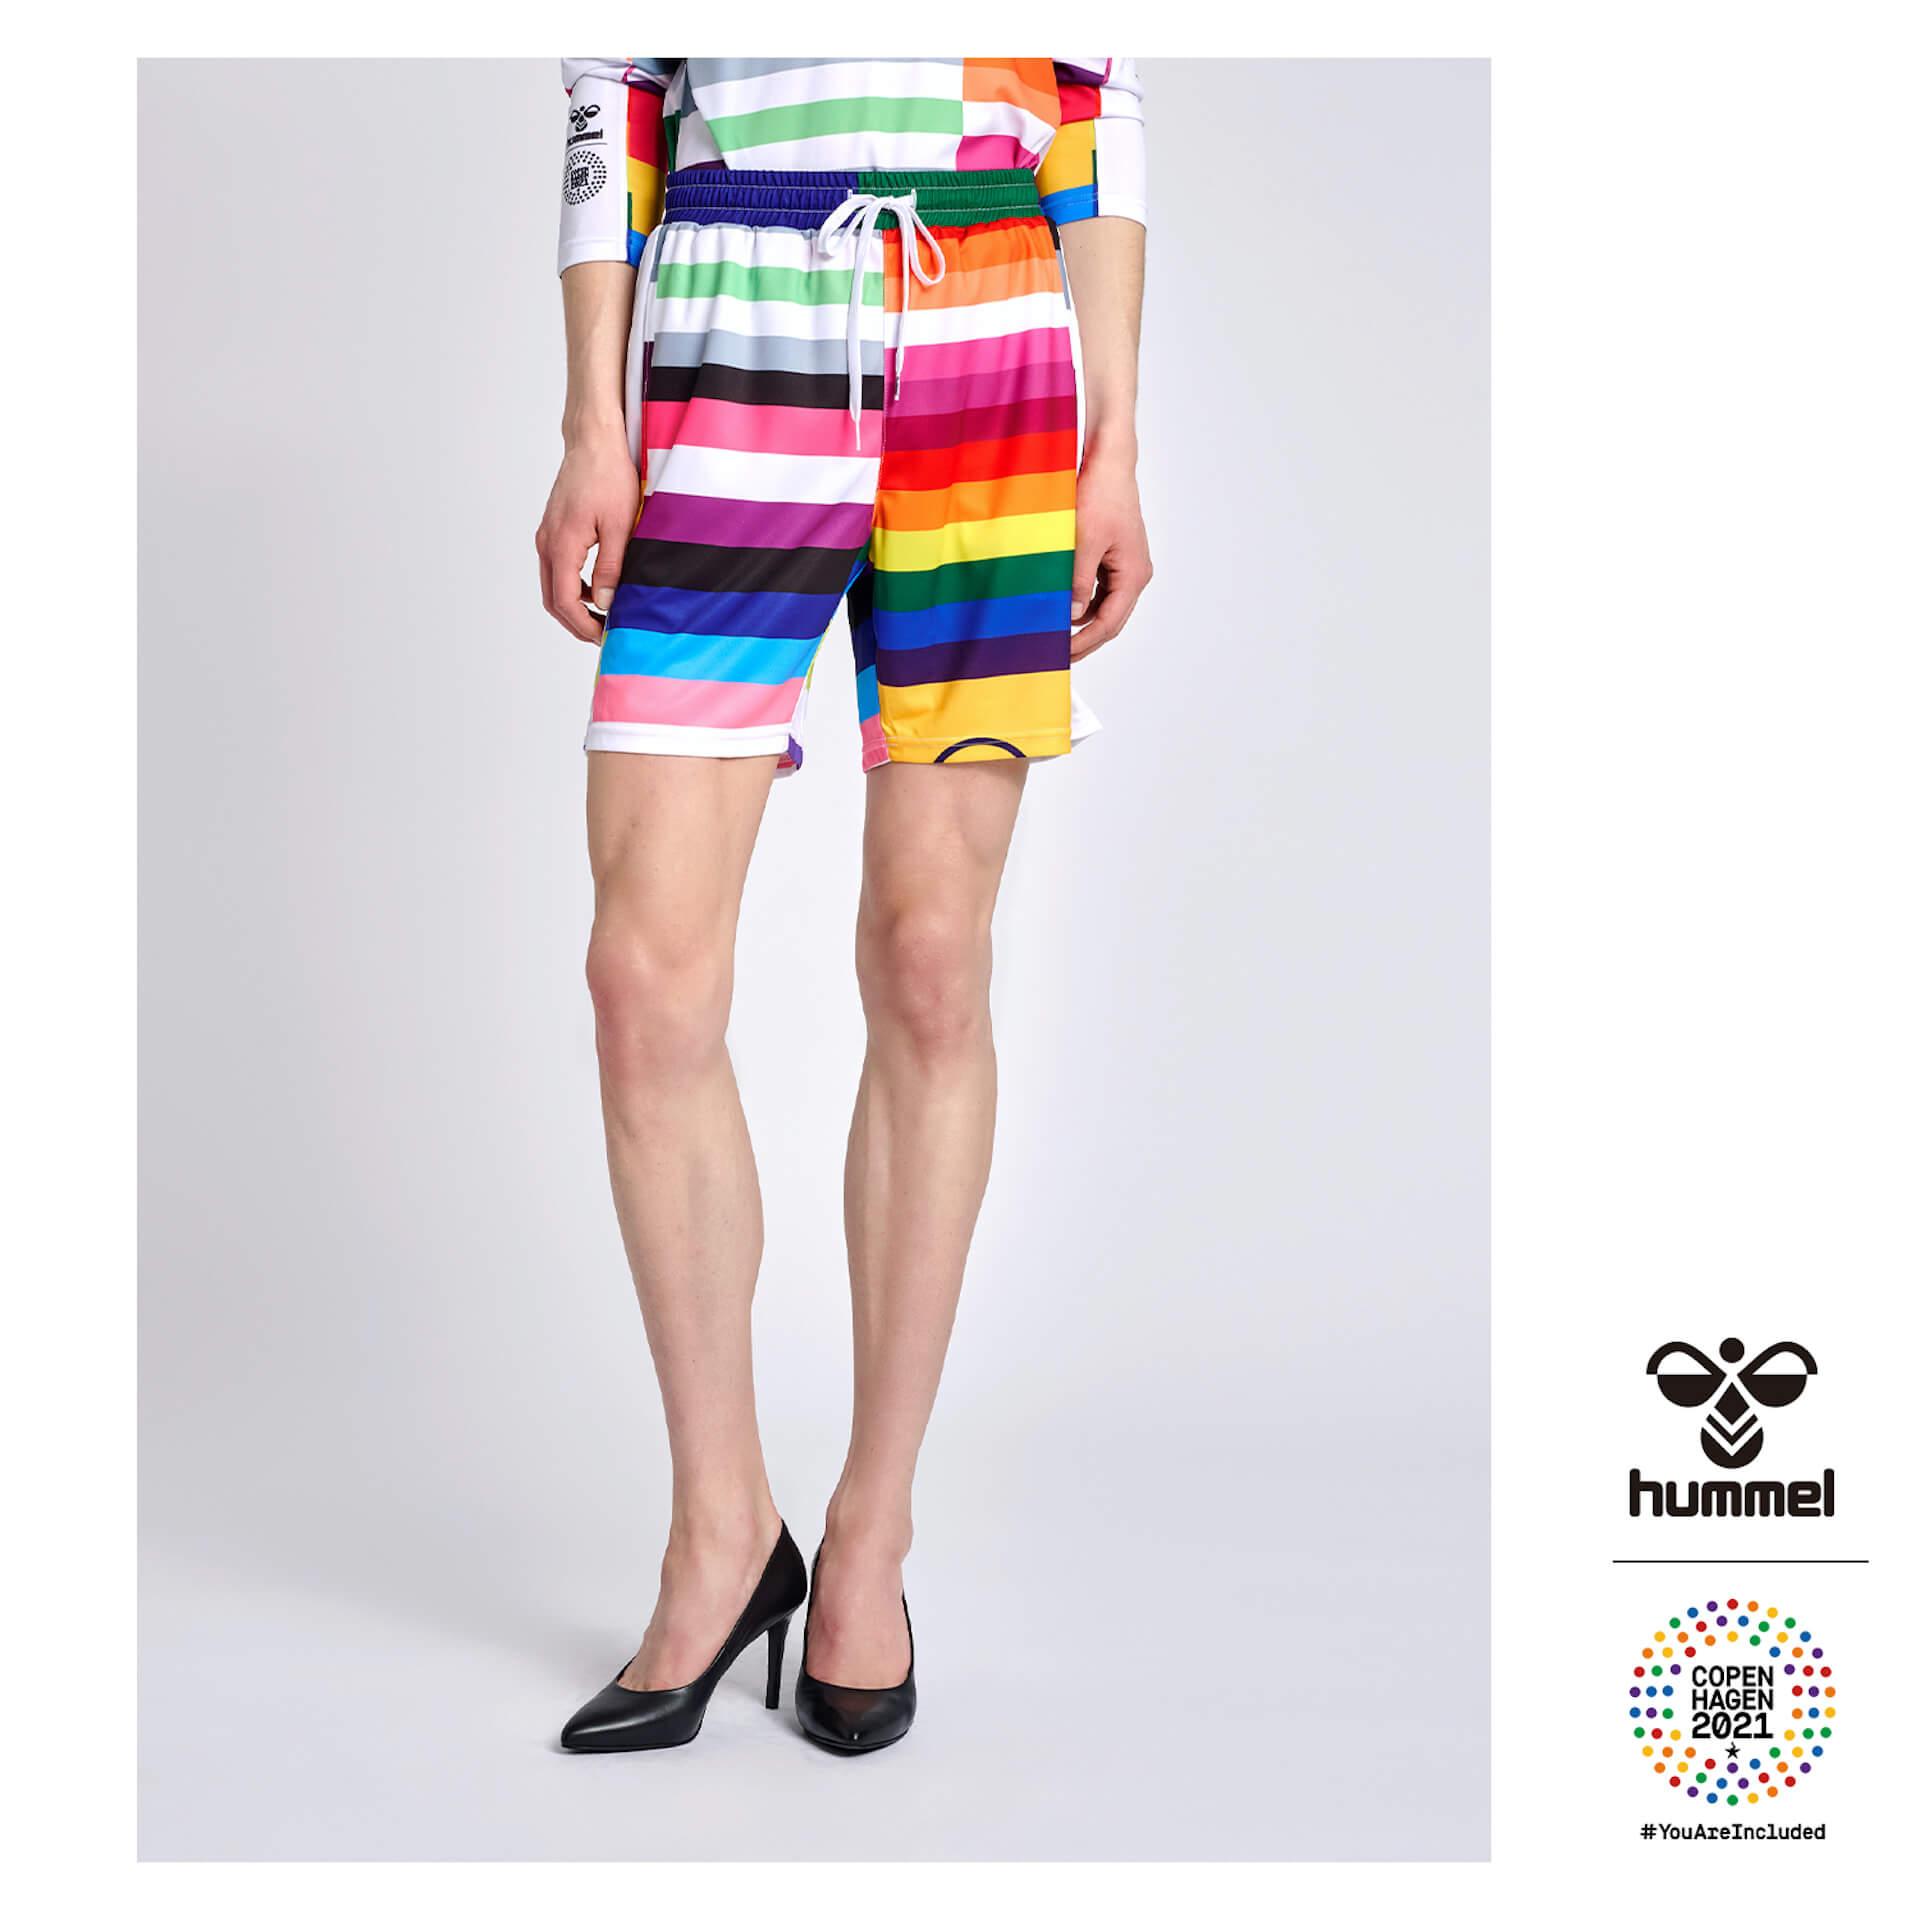 多様性を祝福する「ヒュンメル×コペンハーゲン 2021」コラボグッズが限定発売! Fashion_210706_hummel15